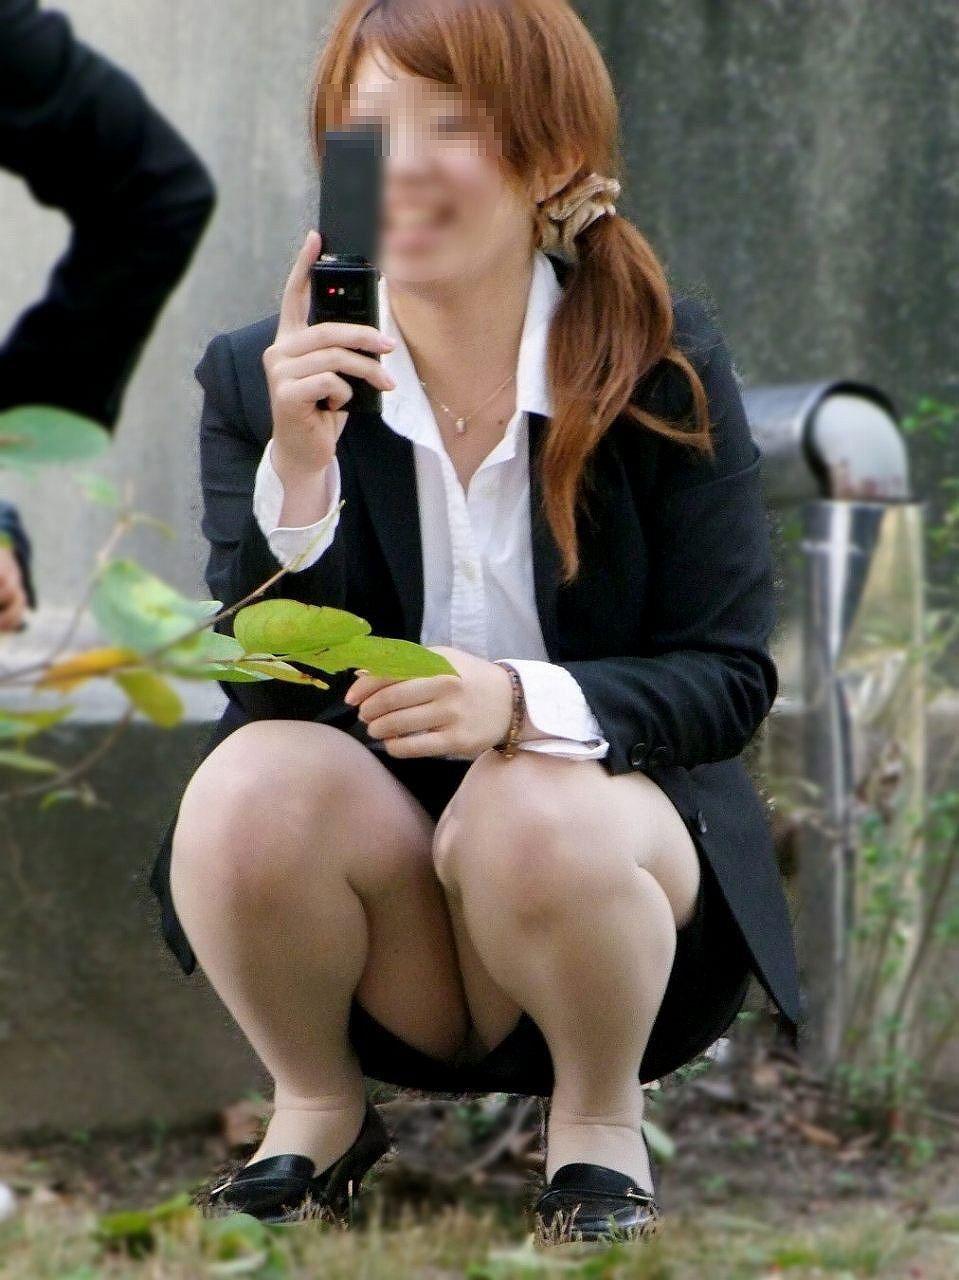 【おっぱい】会社で後輩OLに足コキされながらおっぱい懇願するのが夢です!【32枚】 16